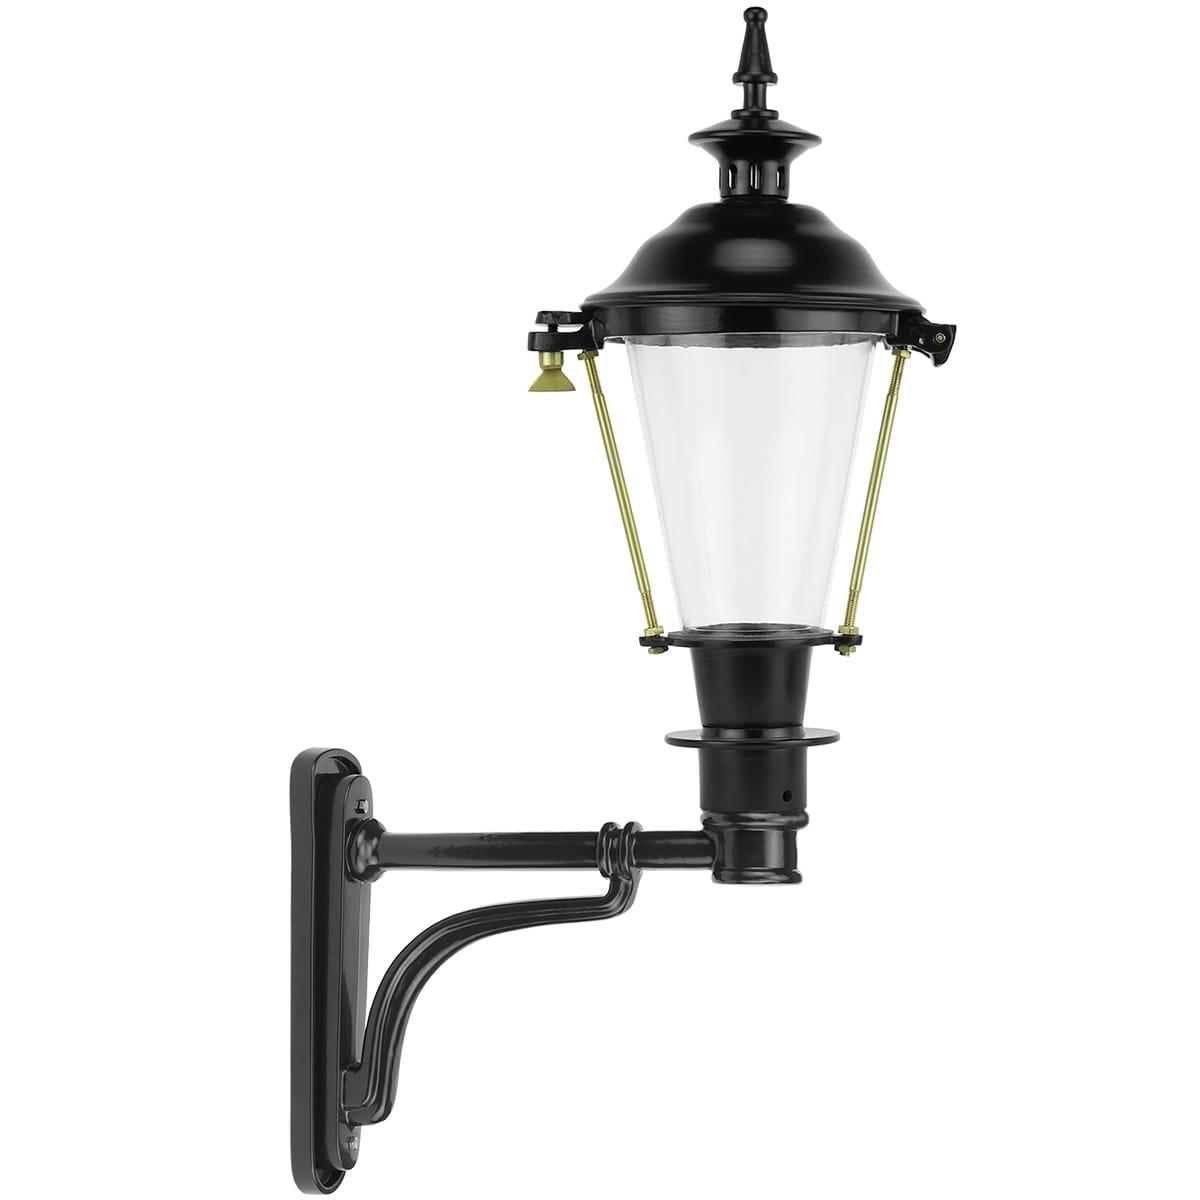 Buitenverlichting Klassiek Landelijk Boerderijlamp Callantsoog - 65 cm